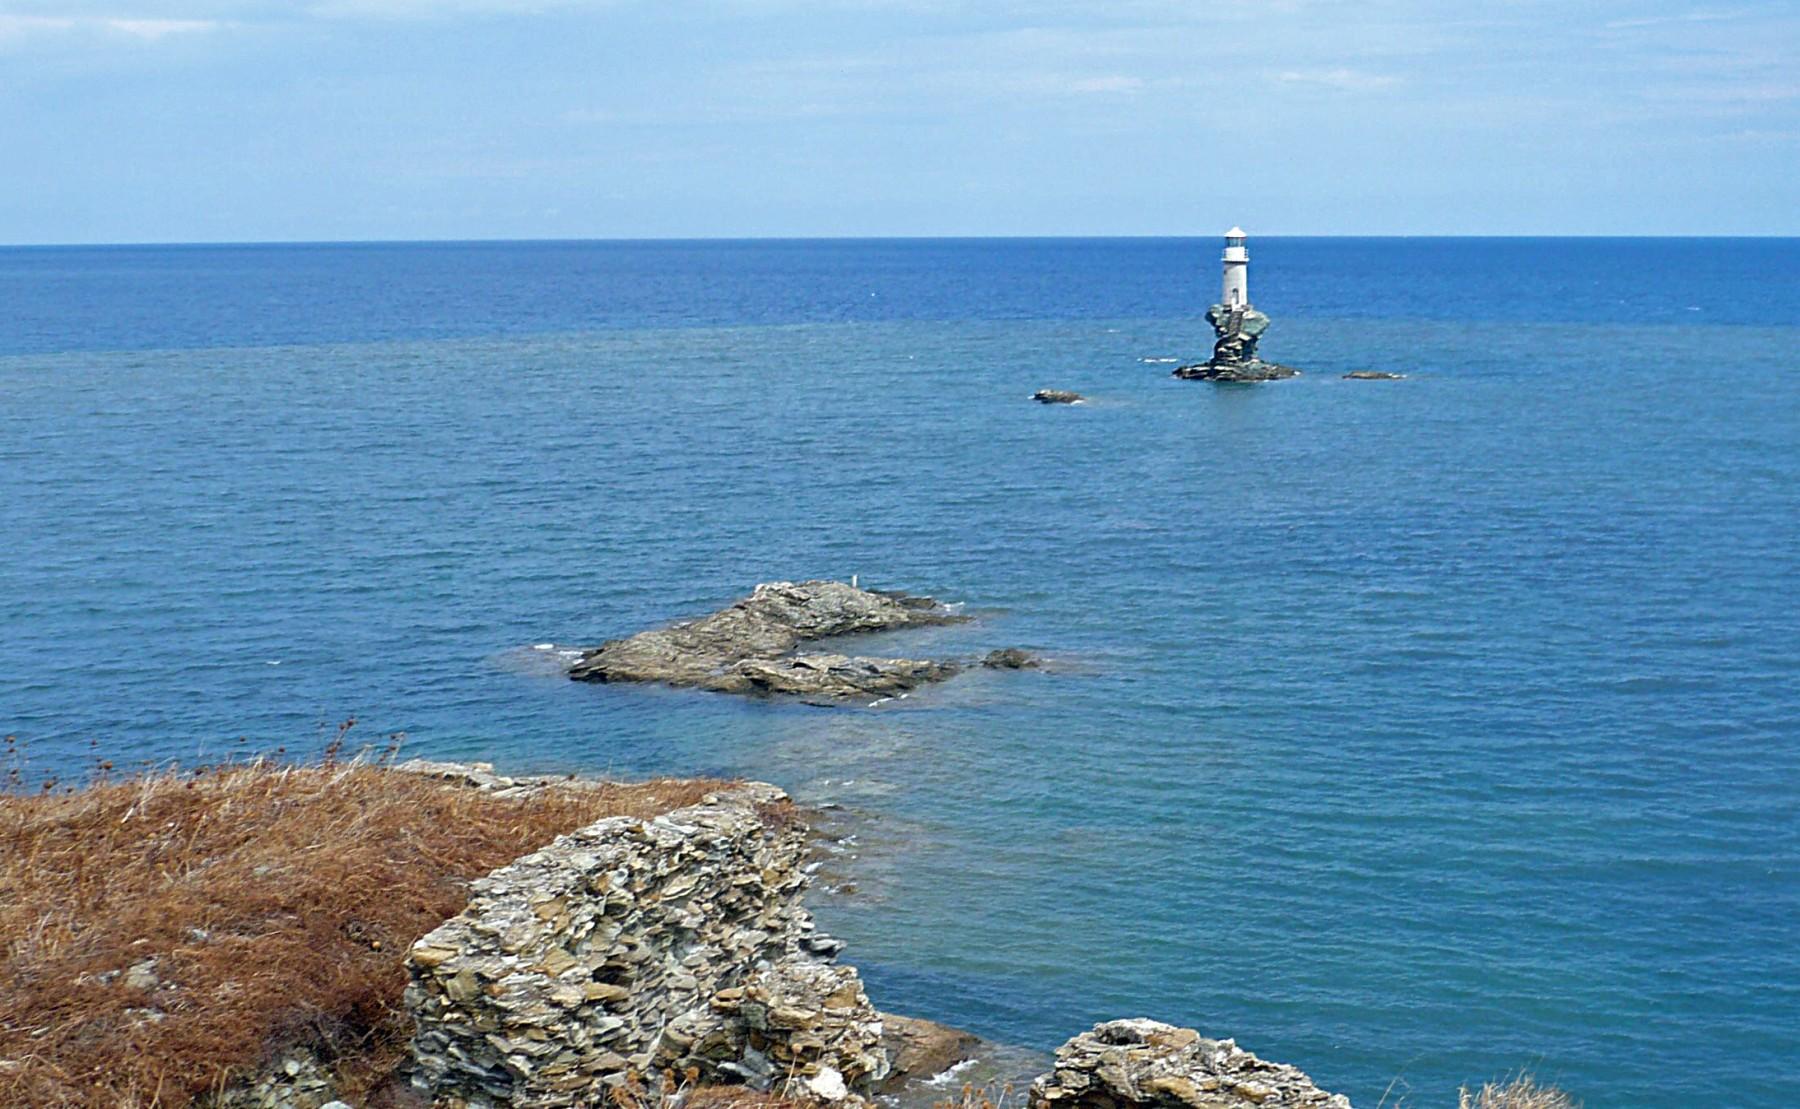 Από τους πιο εντυπωσιακούς φάρους της χώρας, ο φάρος Τουρλίτης είναι χτισμένος σε έναν βράχο μέσα στην θάλασσα. Κατασκευάστηκε το 1887.